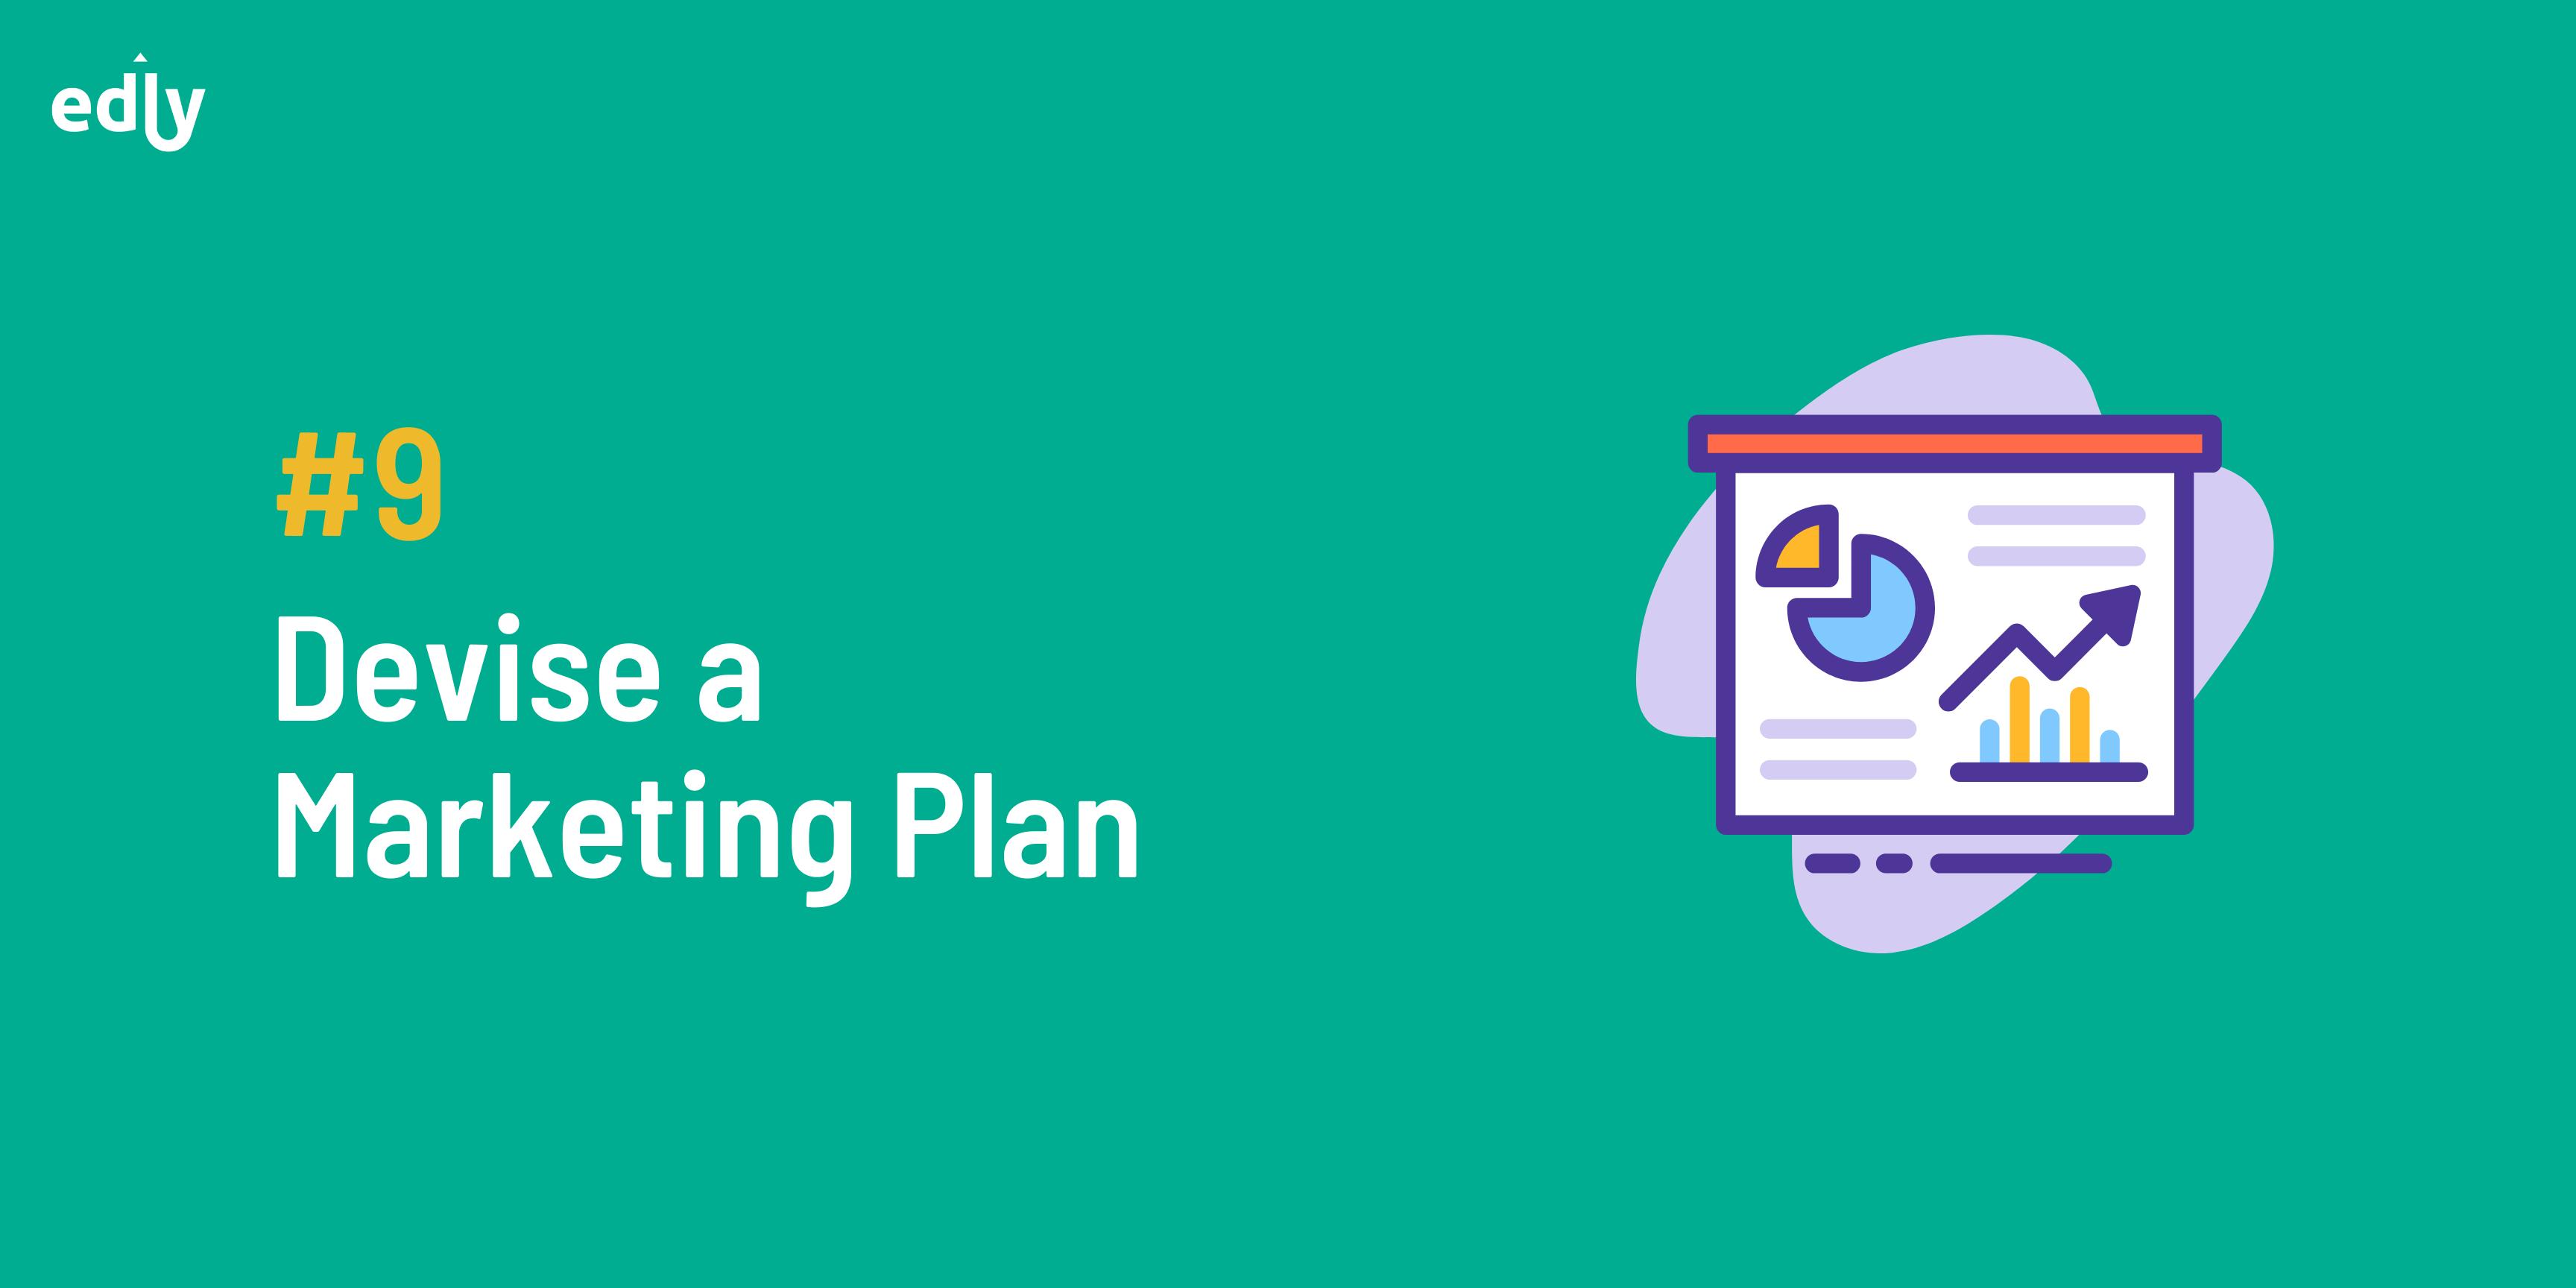 Devise a marketing plan